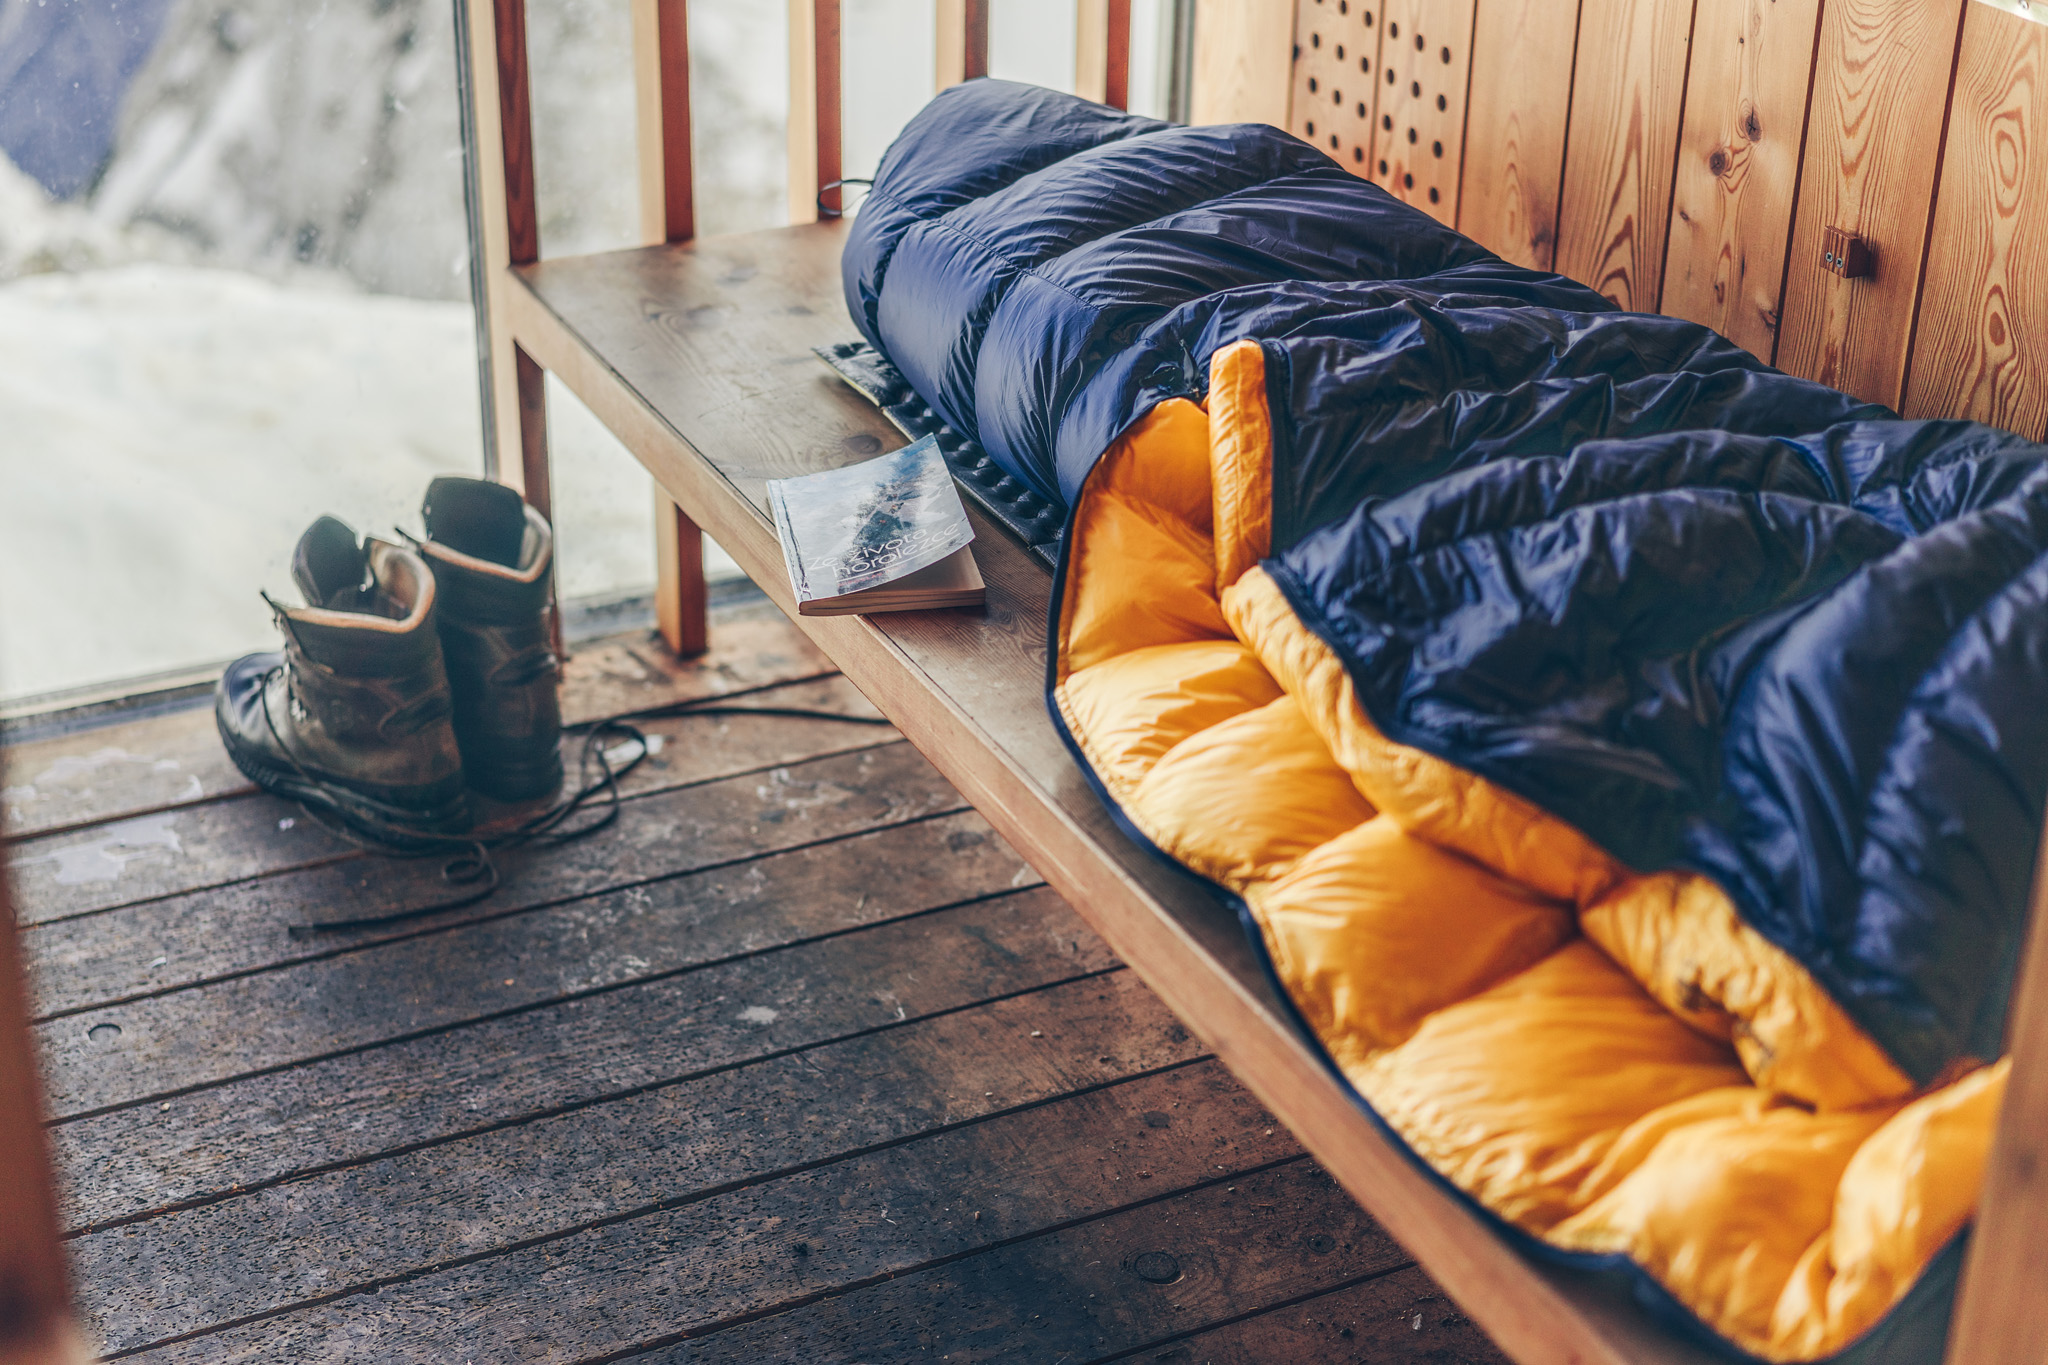 Ein blau-gelber Patizon-Daunenschlafsack liegt auf einer Holzbank in einer Berghütte. Wanderschuhe stehen im Hintergrund, daneben liegt ein Buch auf tschechisch